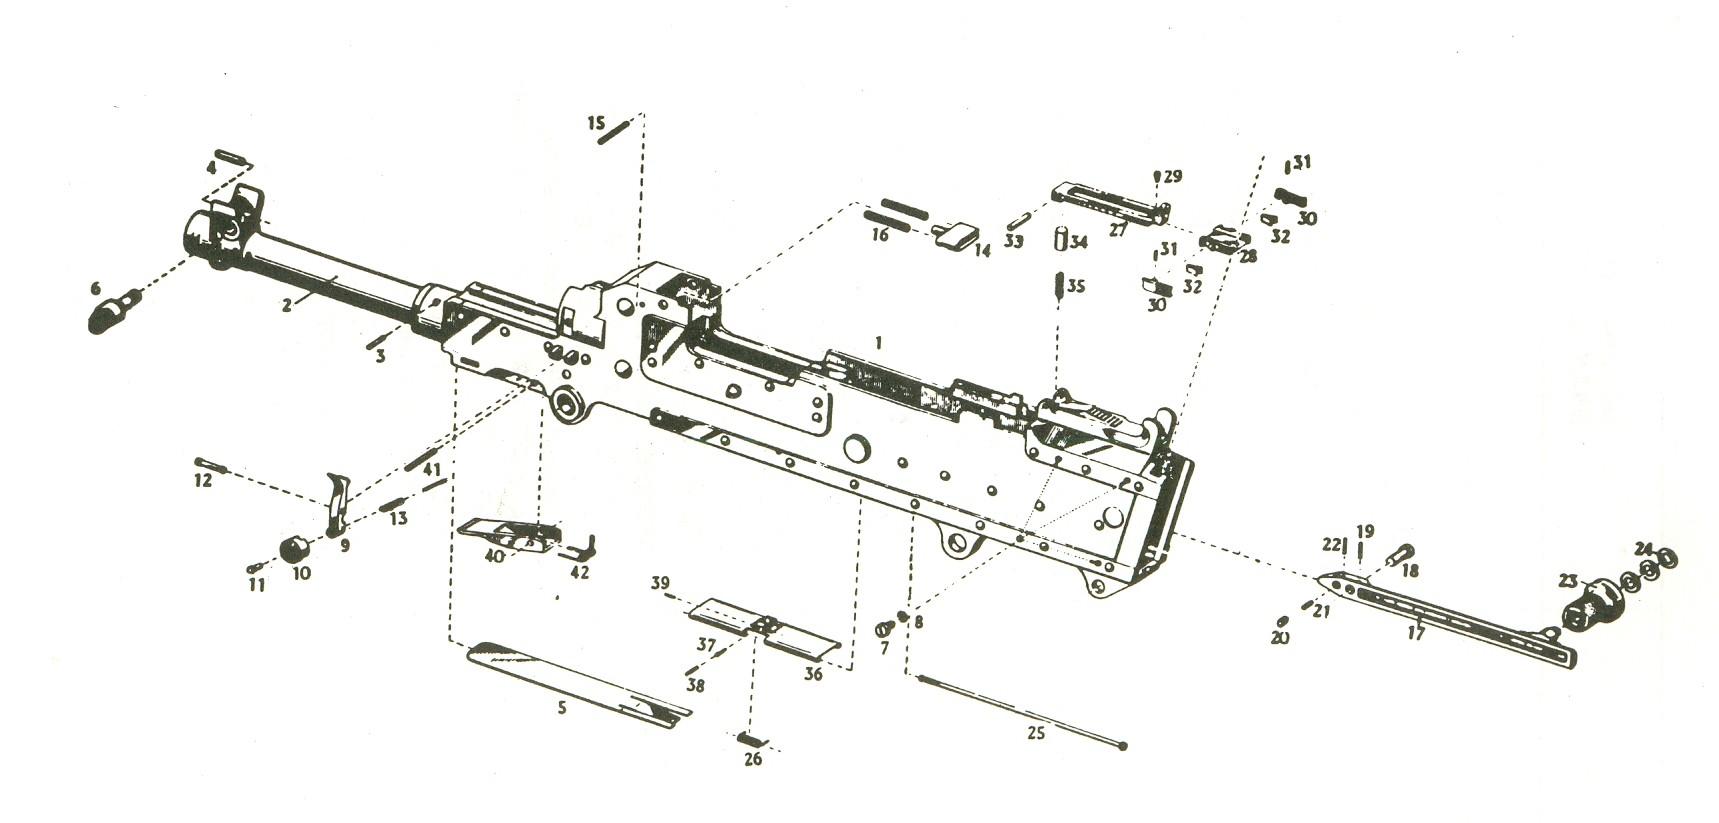 Fabriquer Une Replique De La Fn Mag 58